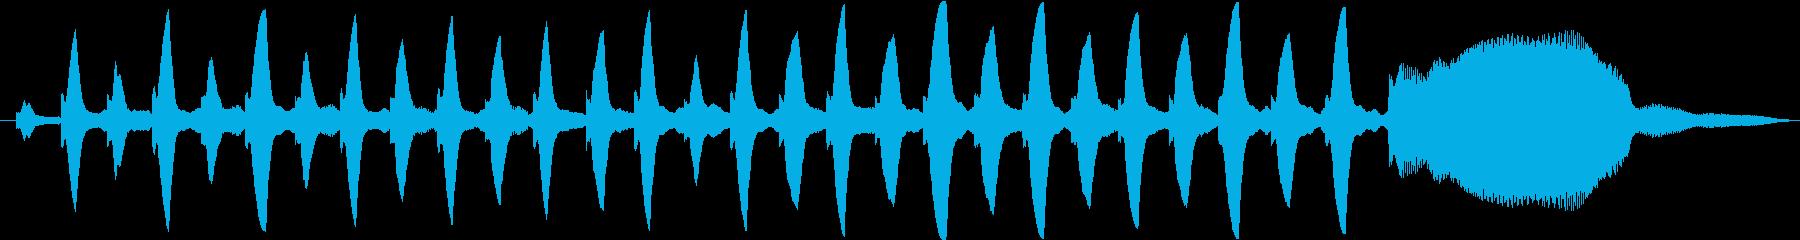 ピアノとオーボエの音色のかわいい音の再生済みの波形